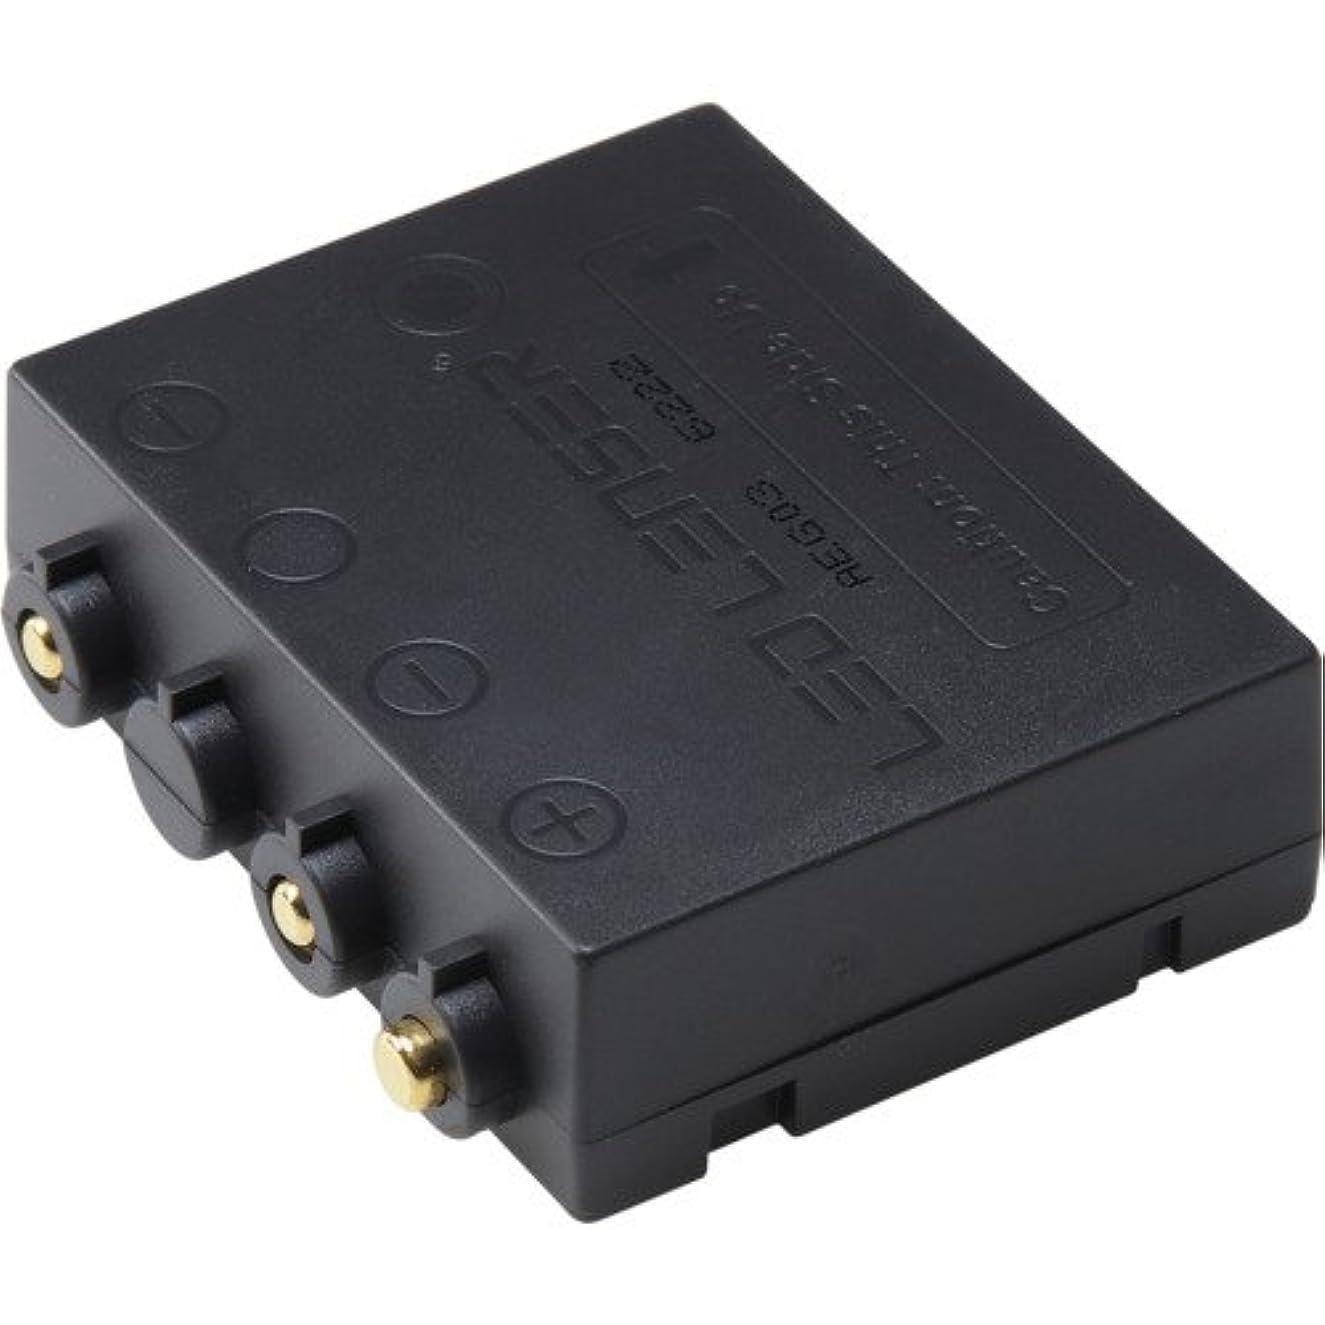 つぶやき防ぐプログレッシブLedlenser(レッドレンザー) H7R.2専用充電池 [日本正規品] 7789